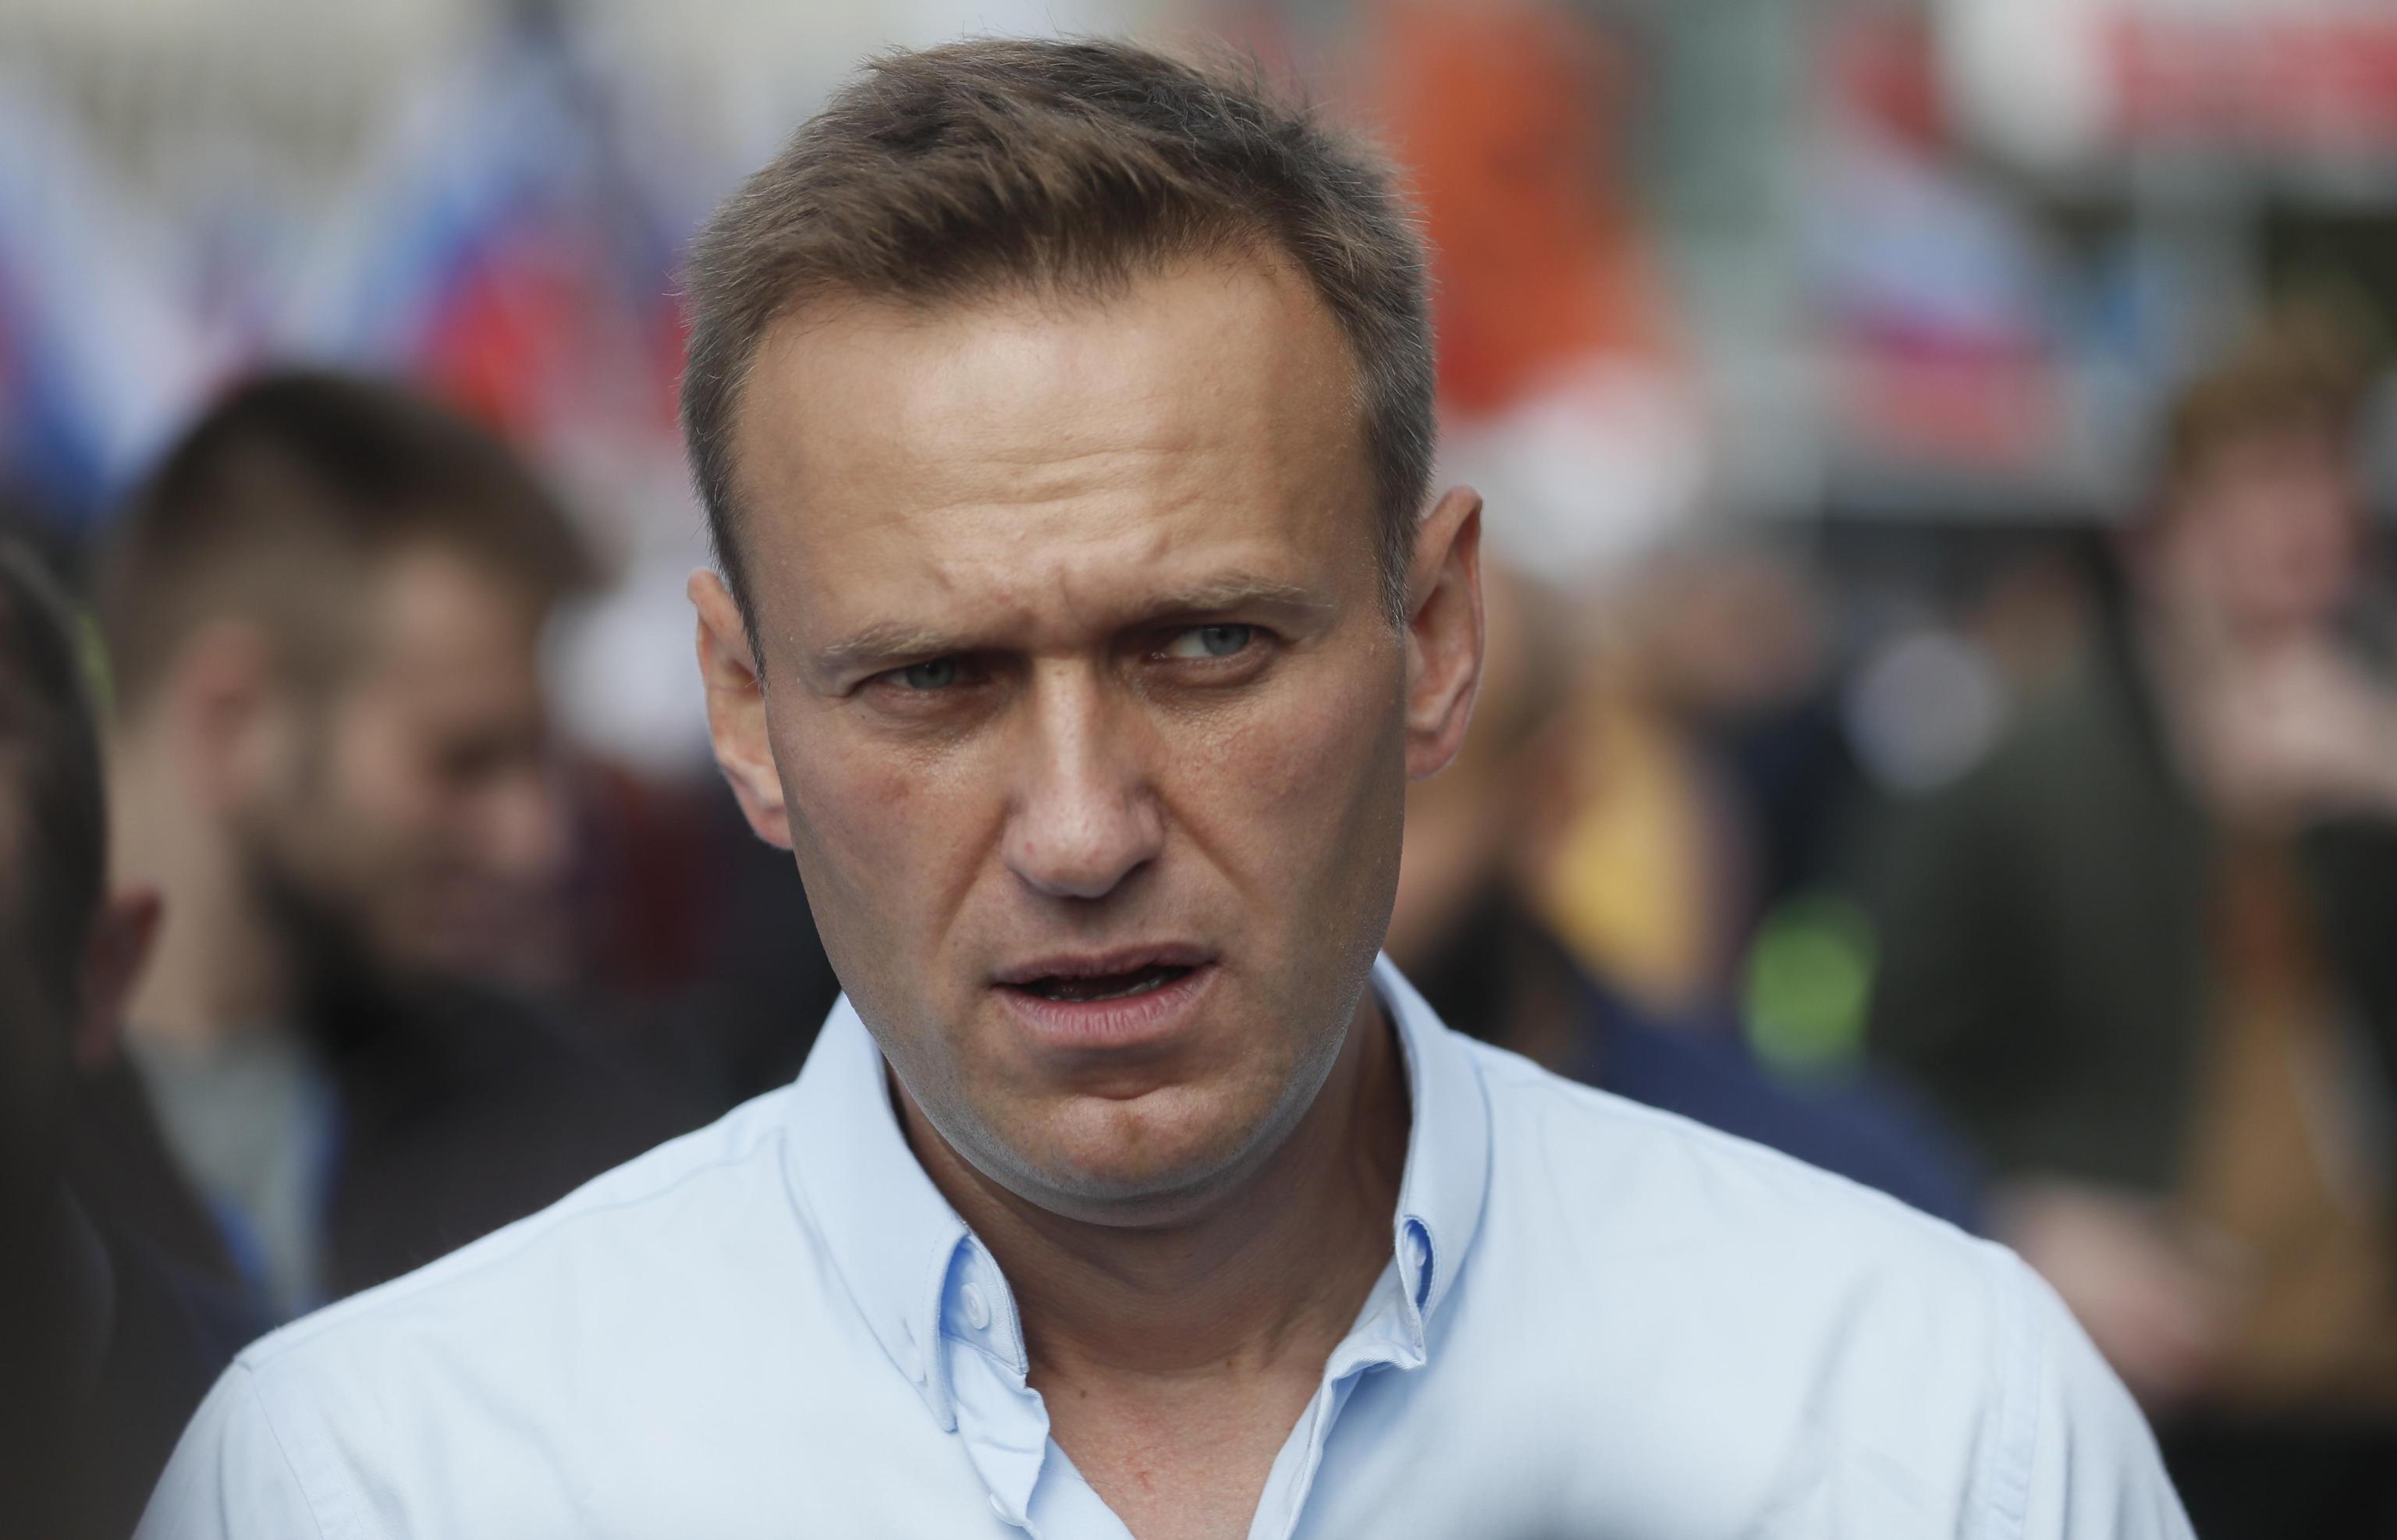 Alexei Navalny torna in Russia per la prima volta dopo l'avvelenamento. Ora rischia di essere arrestato